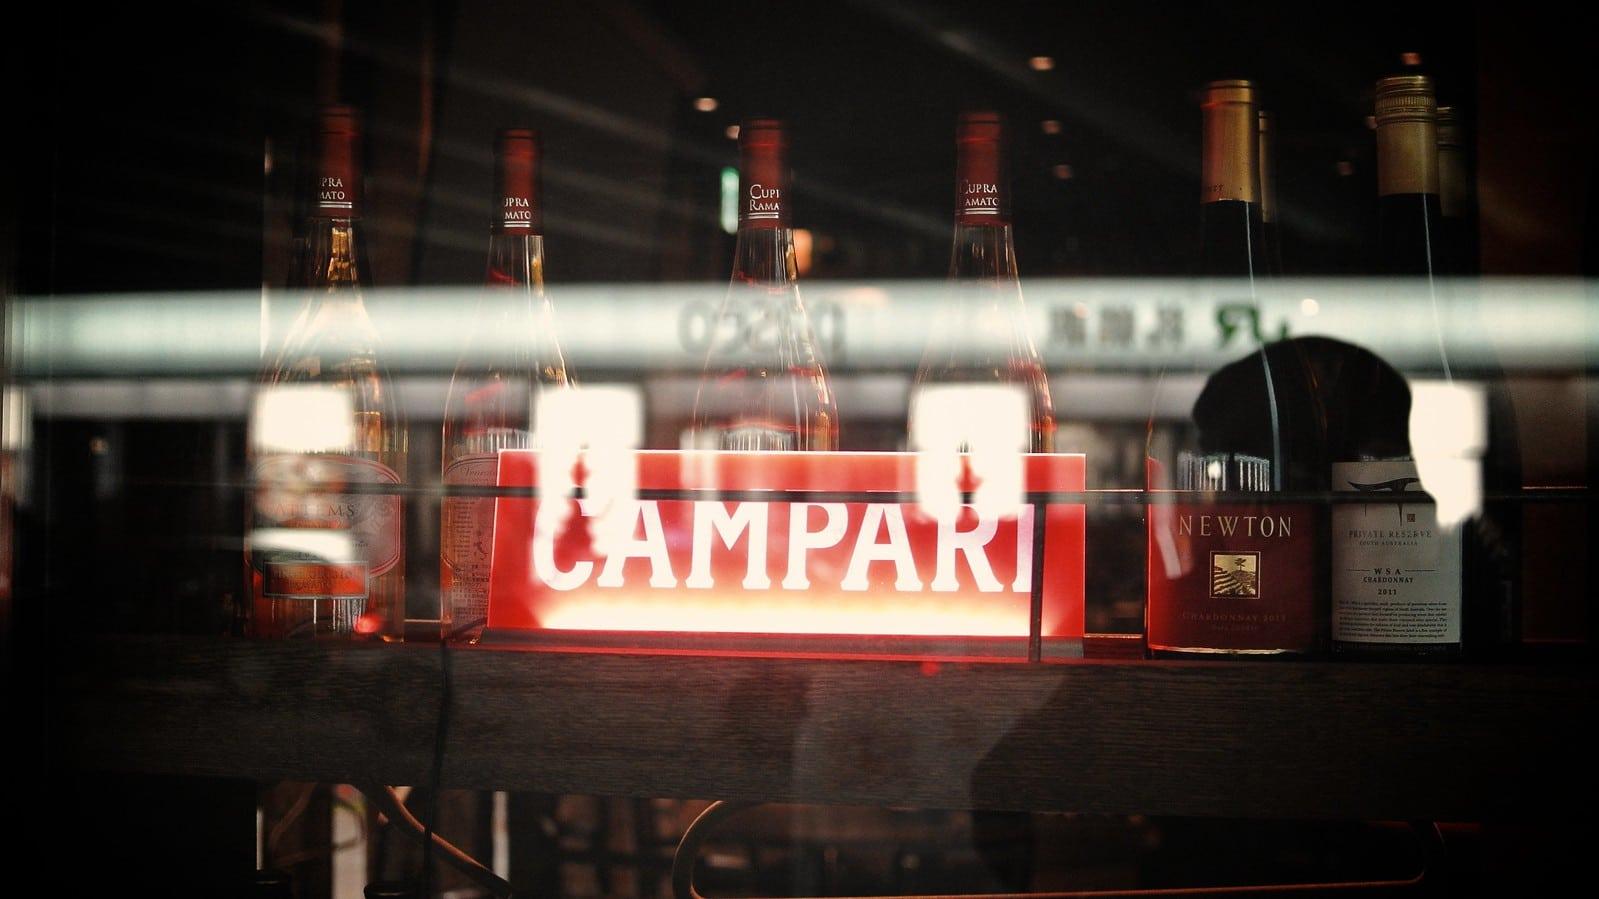 Une enseigne Campari reflétée dans une vitrine